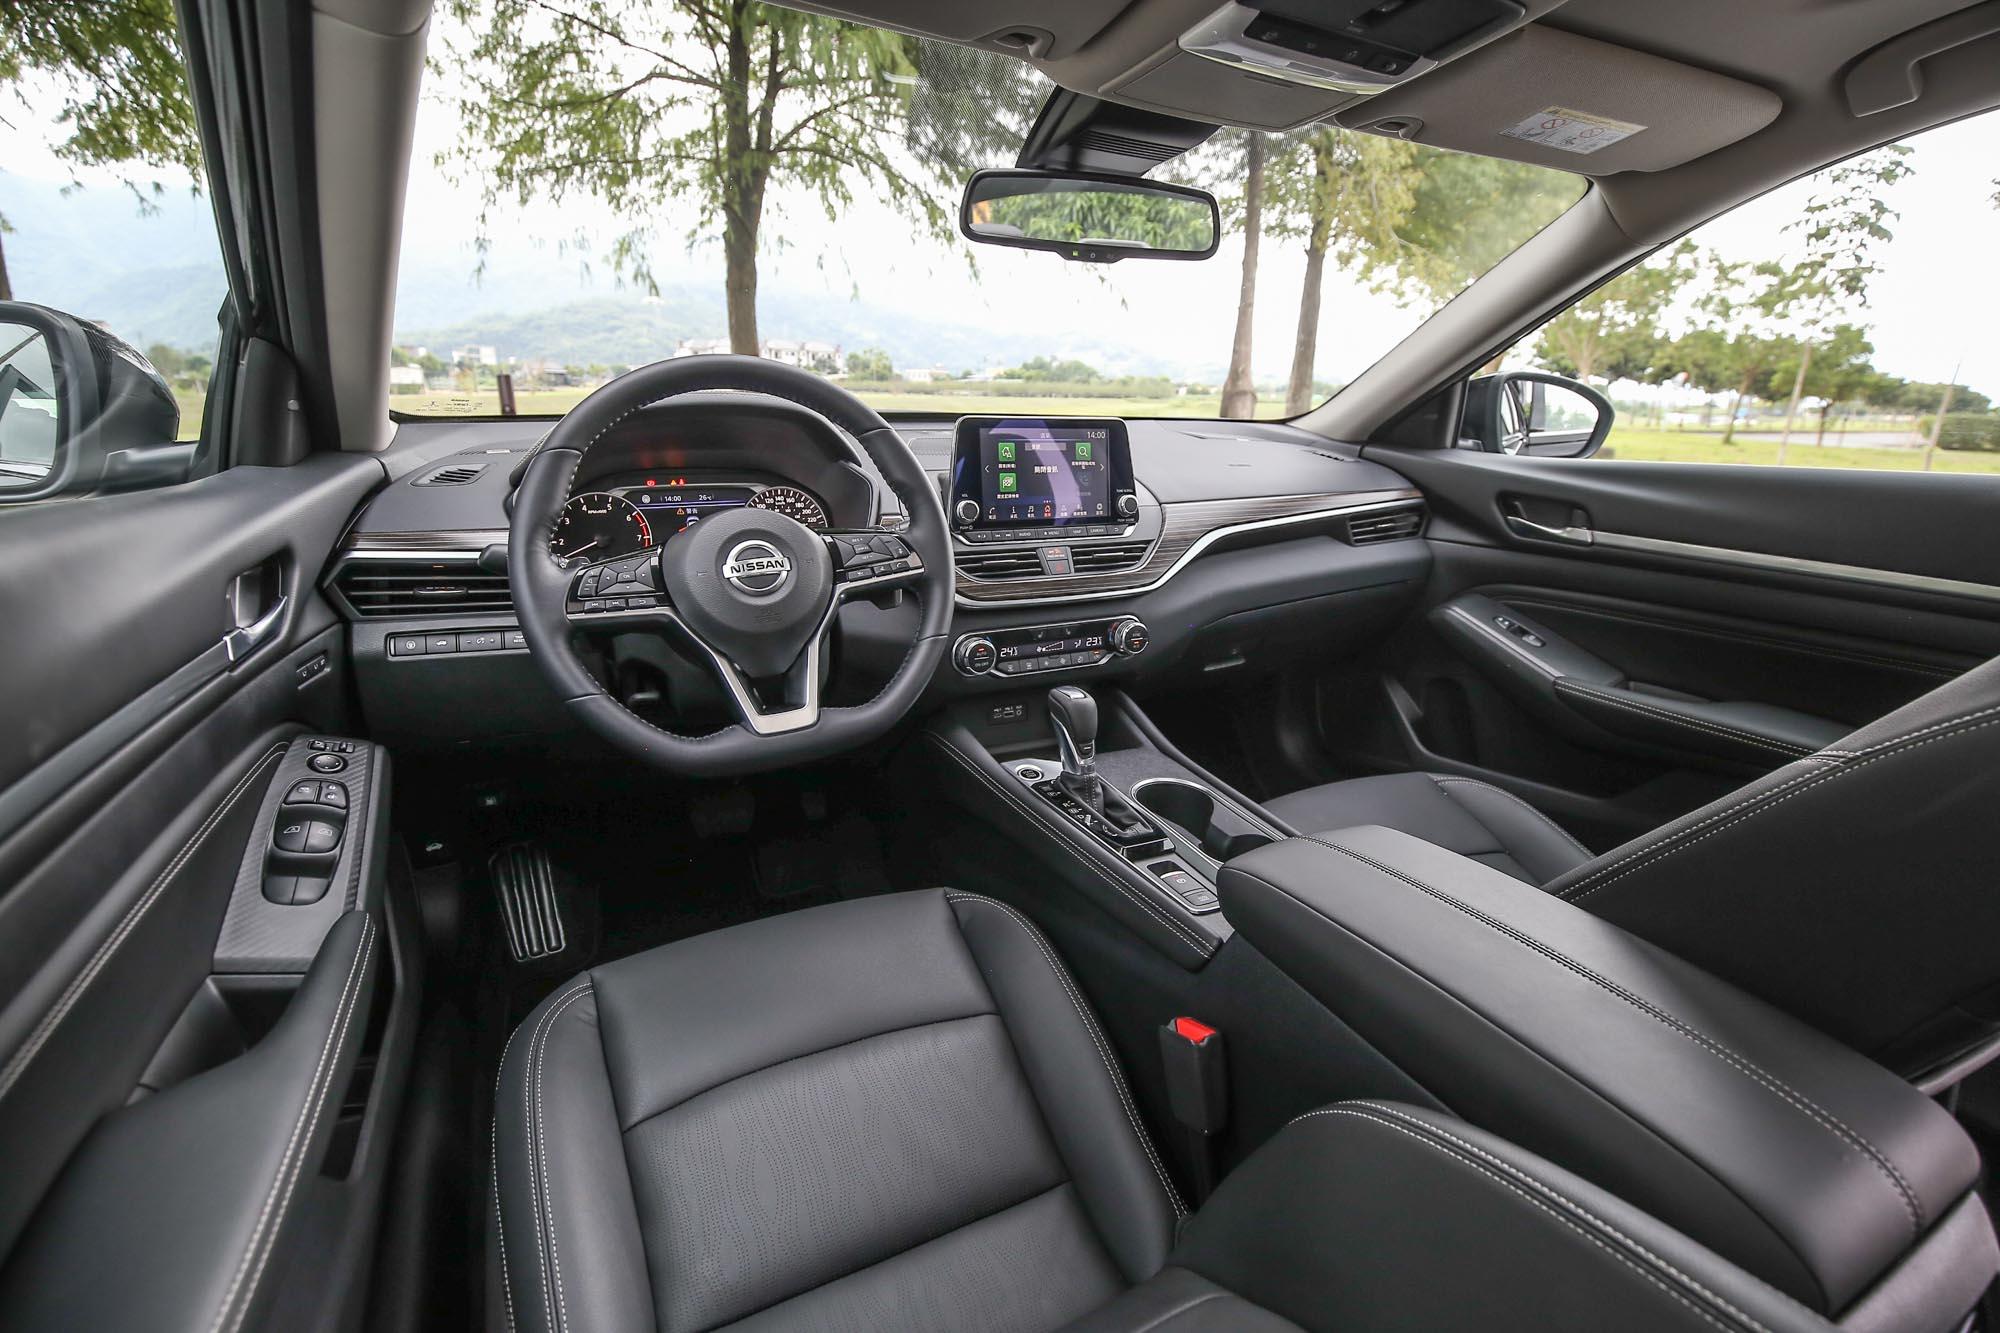 內裝陳列簡潔卻不失質感,車室隔音在國道上也處理得可圈可點。